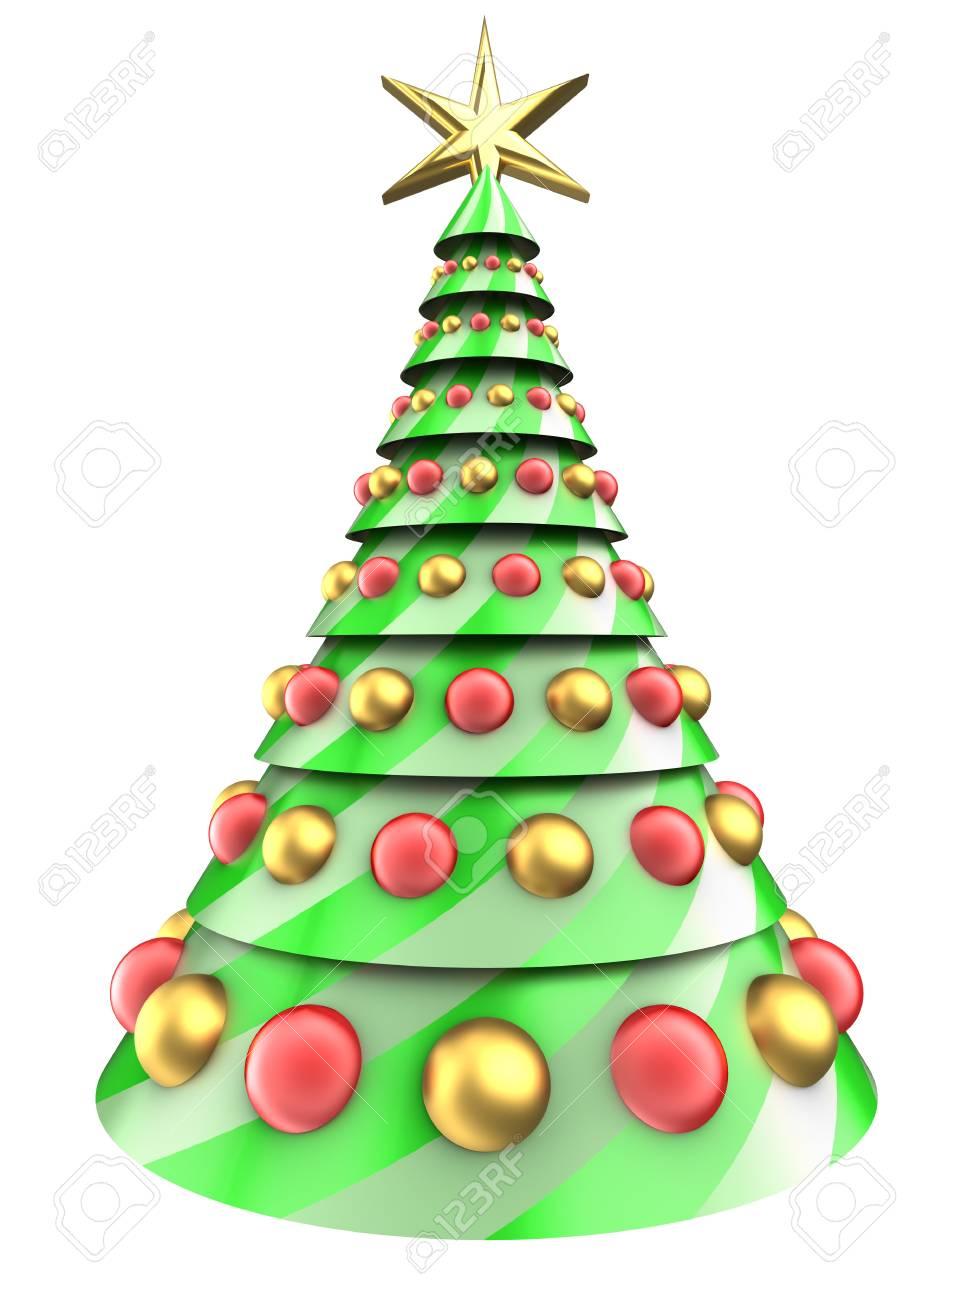 Foto Dell Albero Di Natale.Illustrazione 3d Dell Albero Di Natale Sopra Priorita Bassa Bianca Con Le Sfere Di Vetro